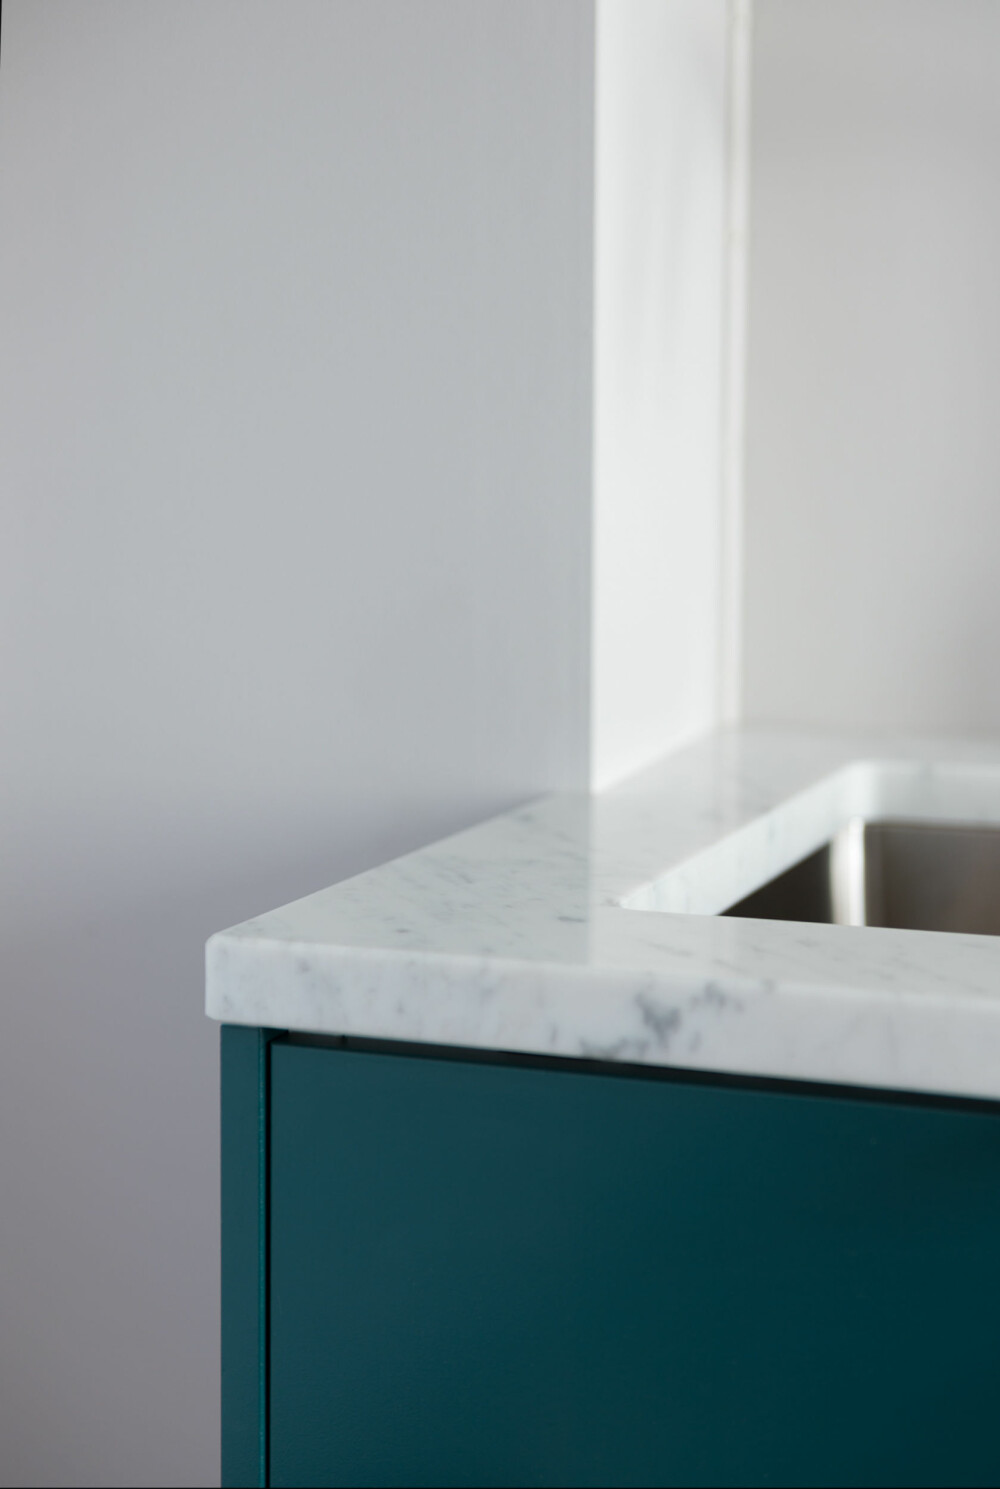 Gjennomført. Marmorplaten er skåret til slik at også enden av kjøkkenbenken kunne kles med en front uten at denne virket påklistret.